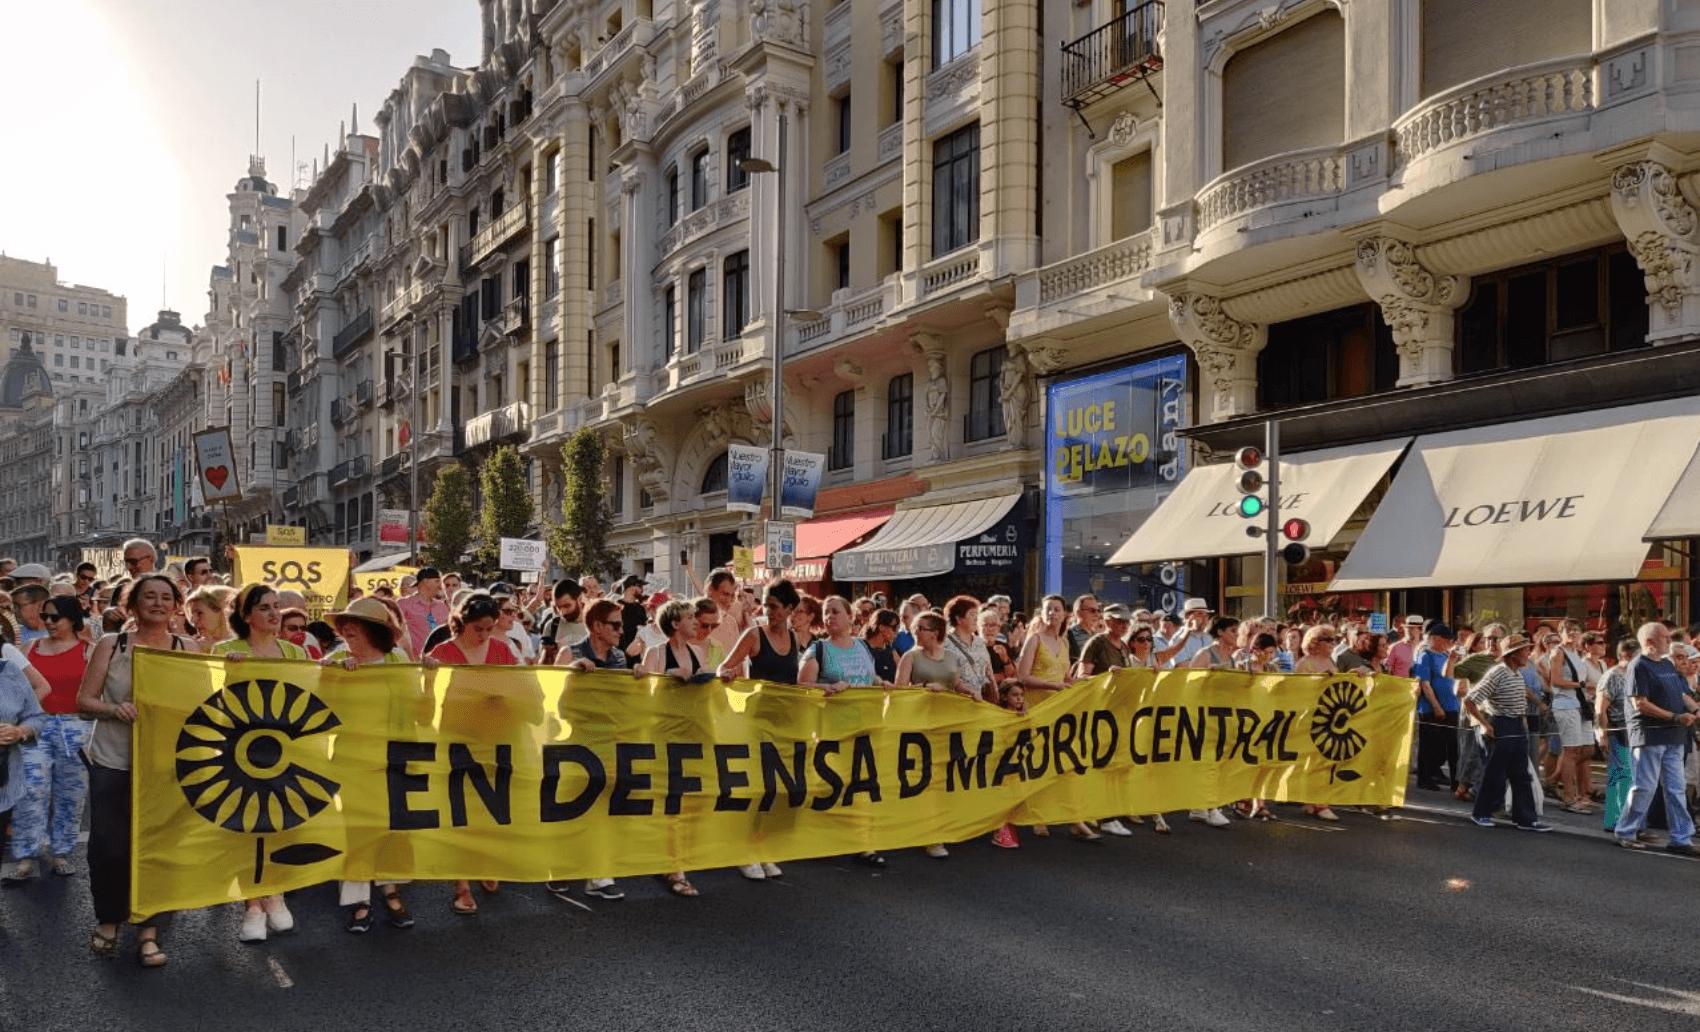 Nieuwe rechtse burgemeester Madrid clasht met burgerbewegingen